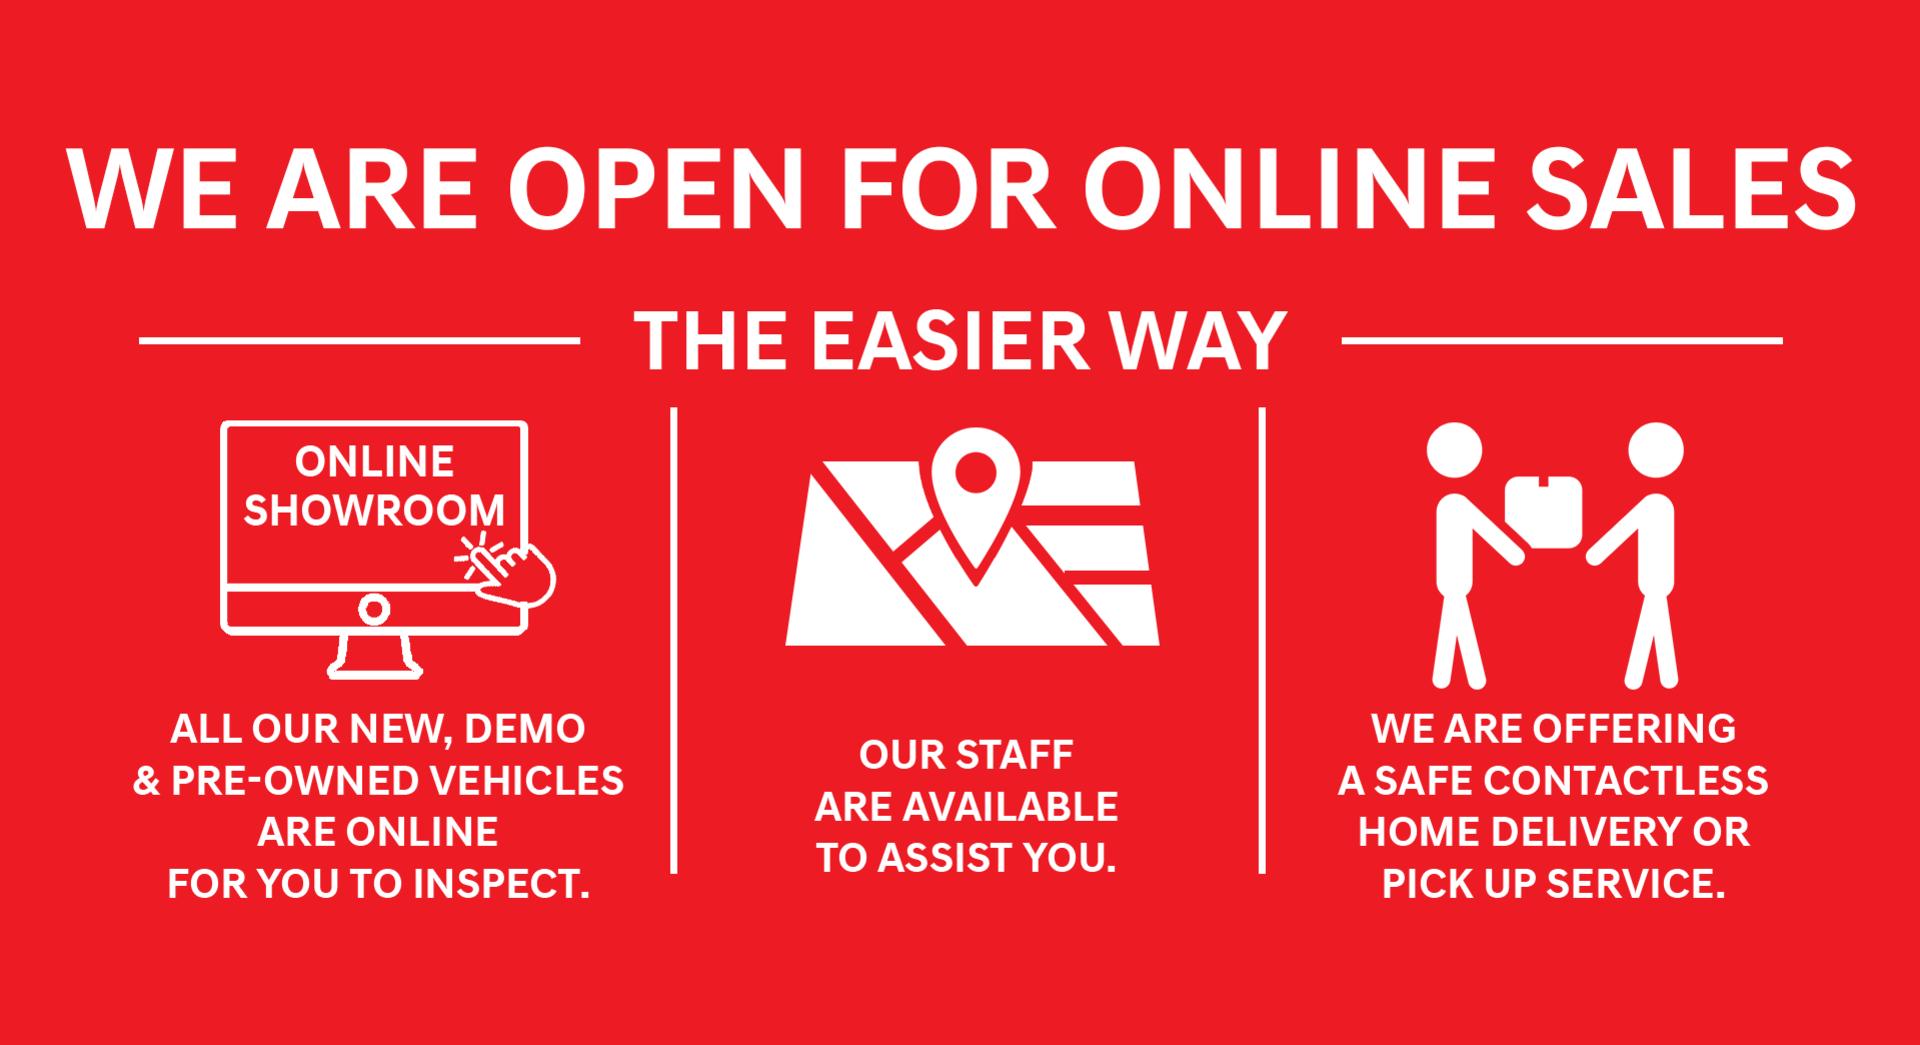 Booran Suzuki - We are Open online